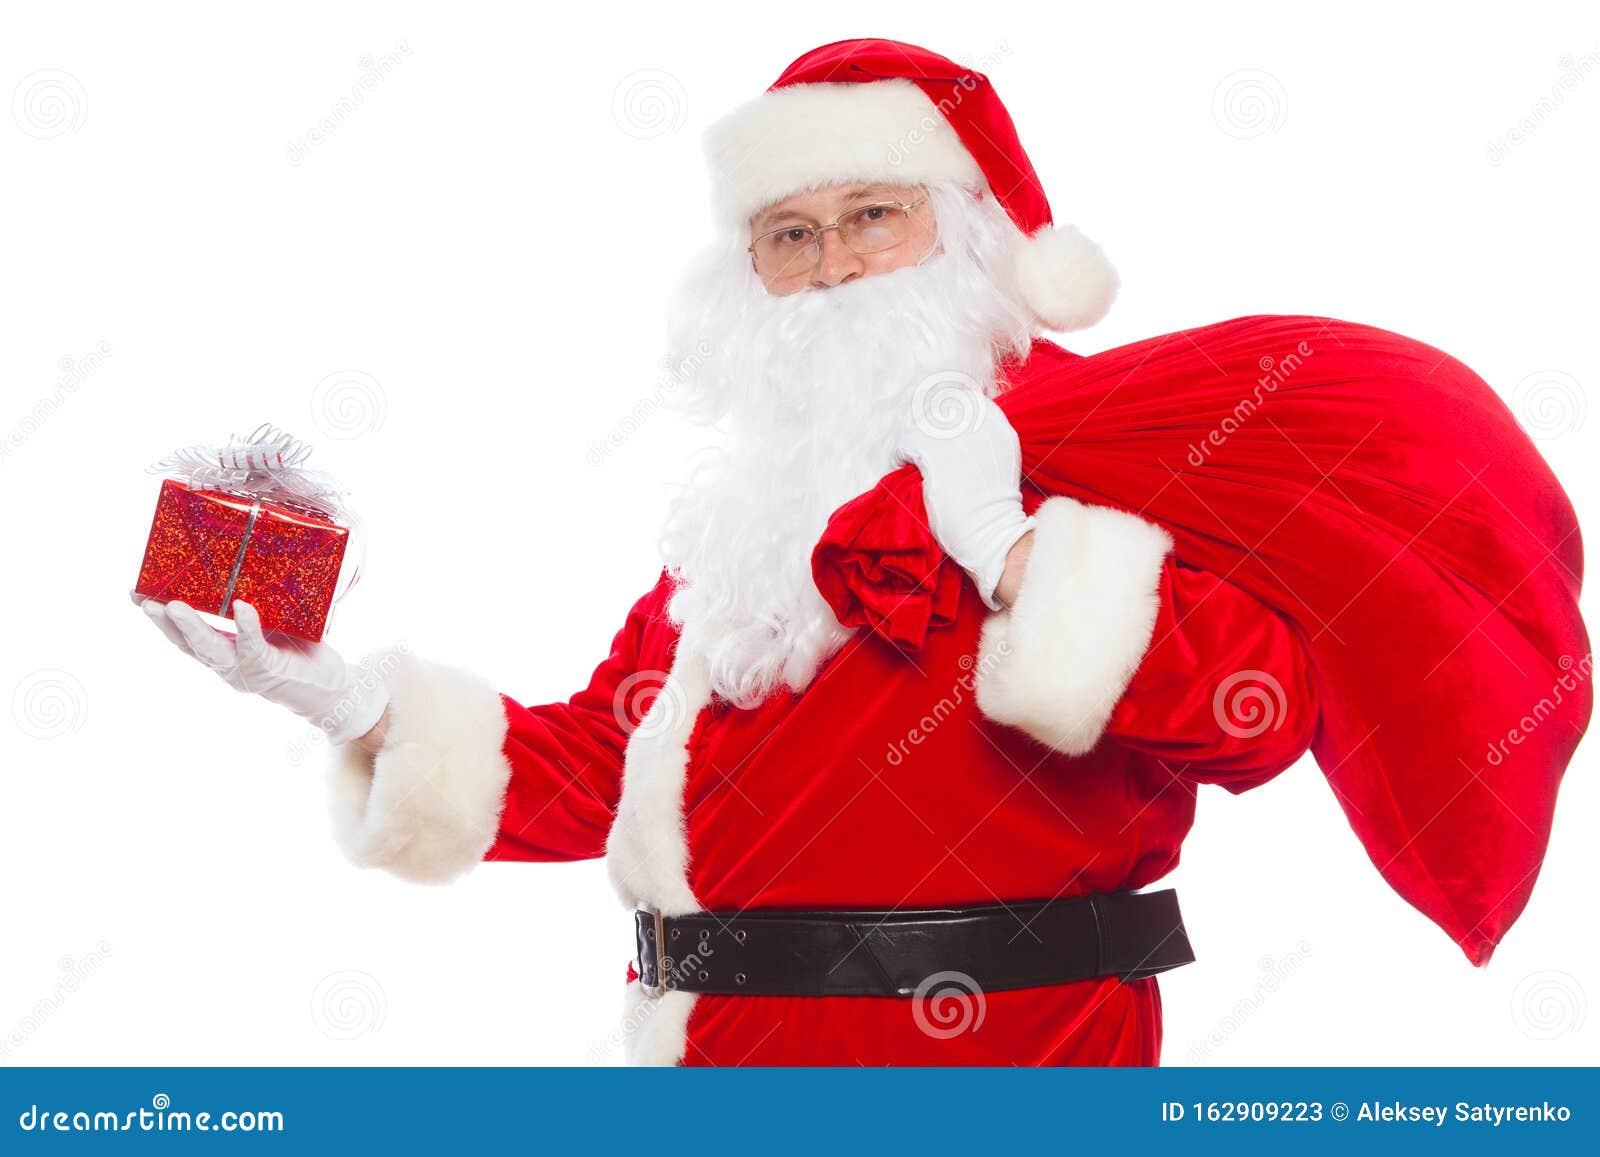 Sfondi Babbo Natale.Babbo Natale Bello Di Regali Una Borsa Isolata Su Sfondo Bianco Natale Immagine Stock Immagine Di Occasione Rosso 162909223